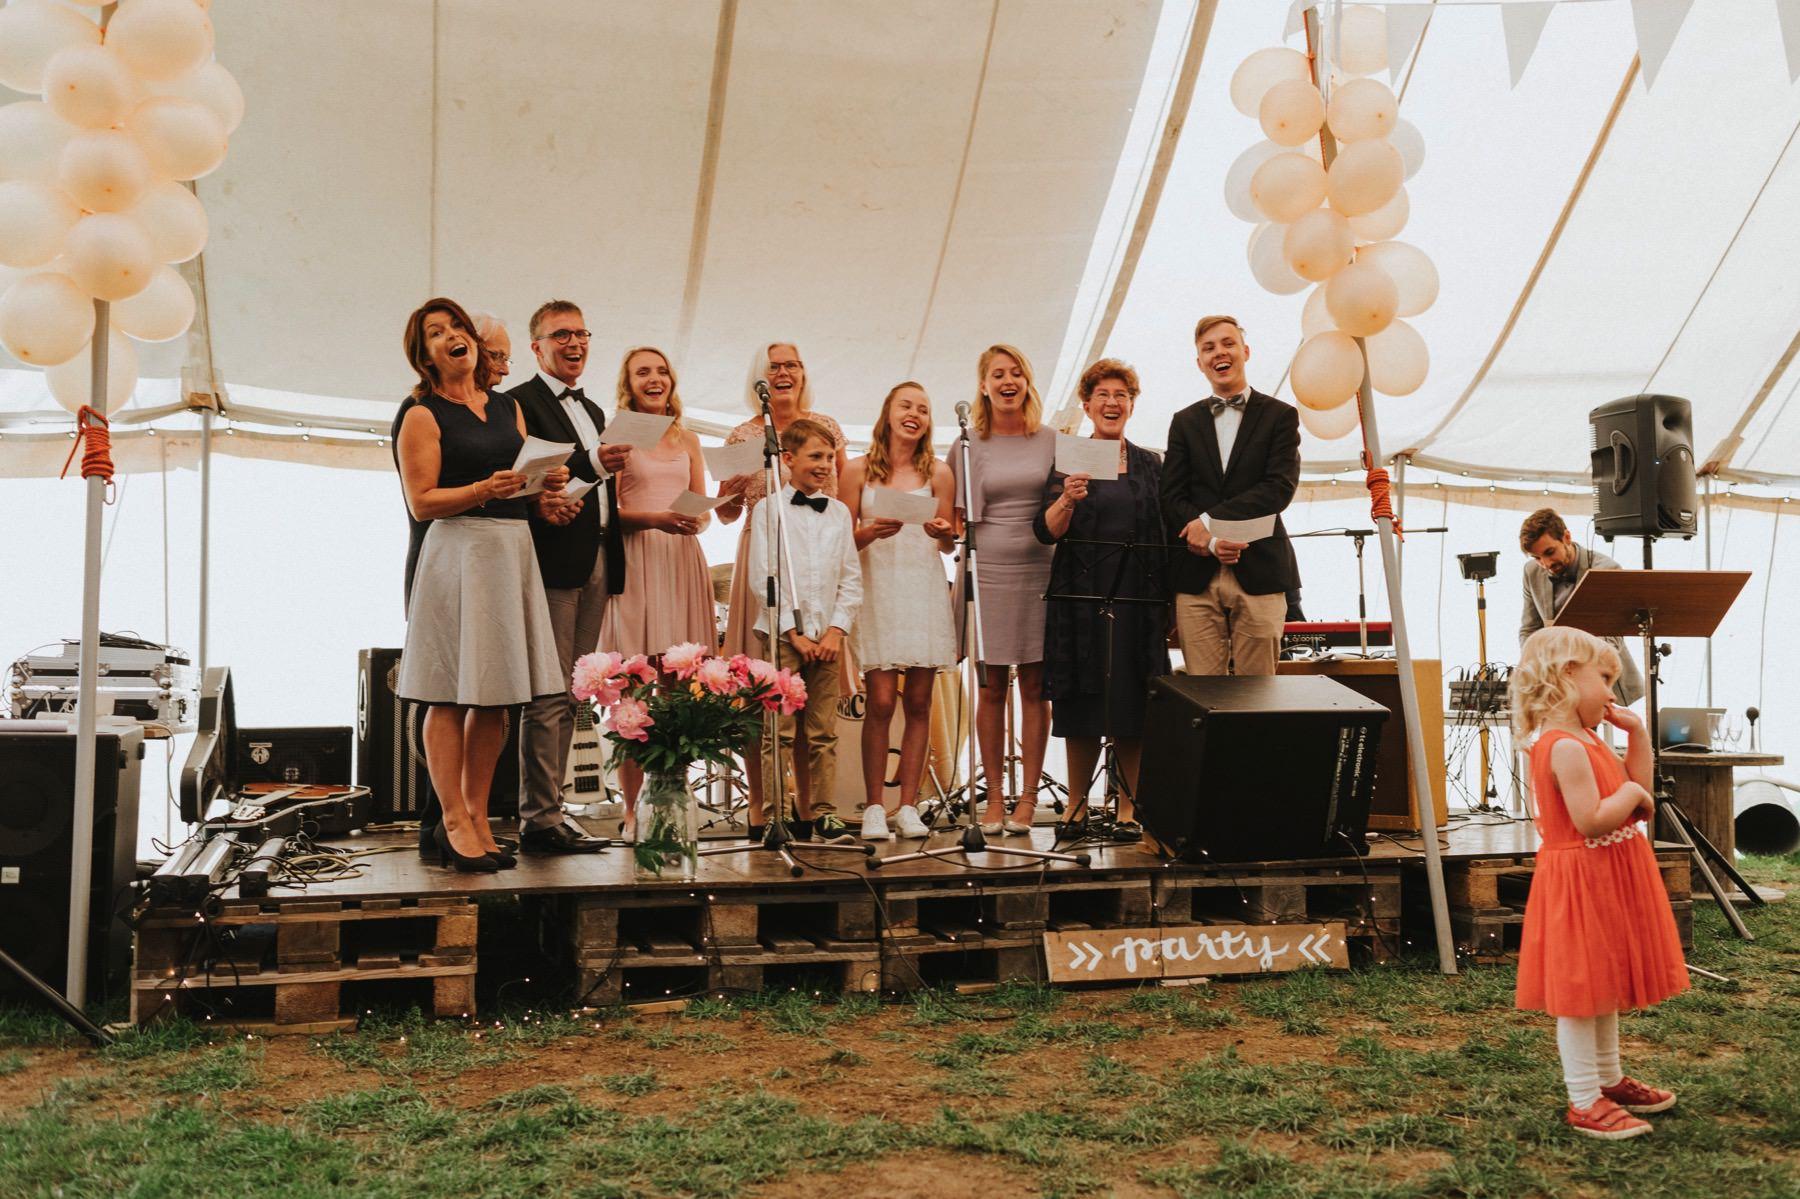 Pohjanmaa Hääjuhla teltassa